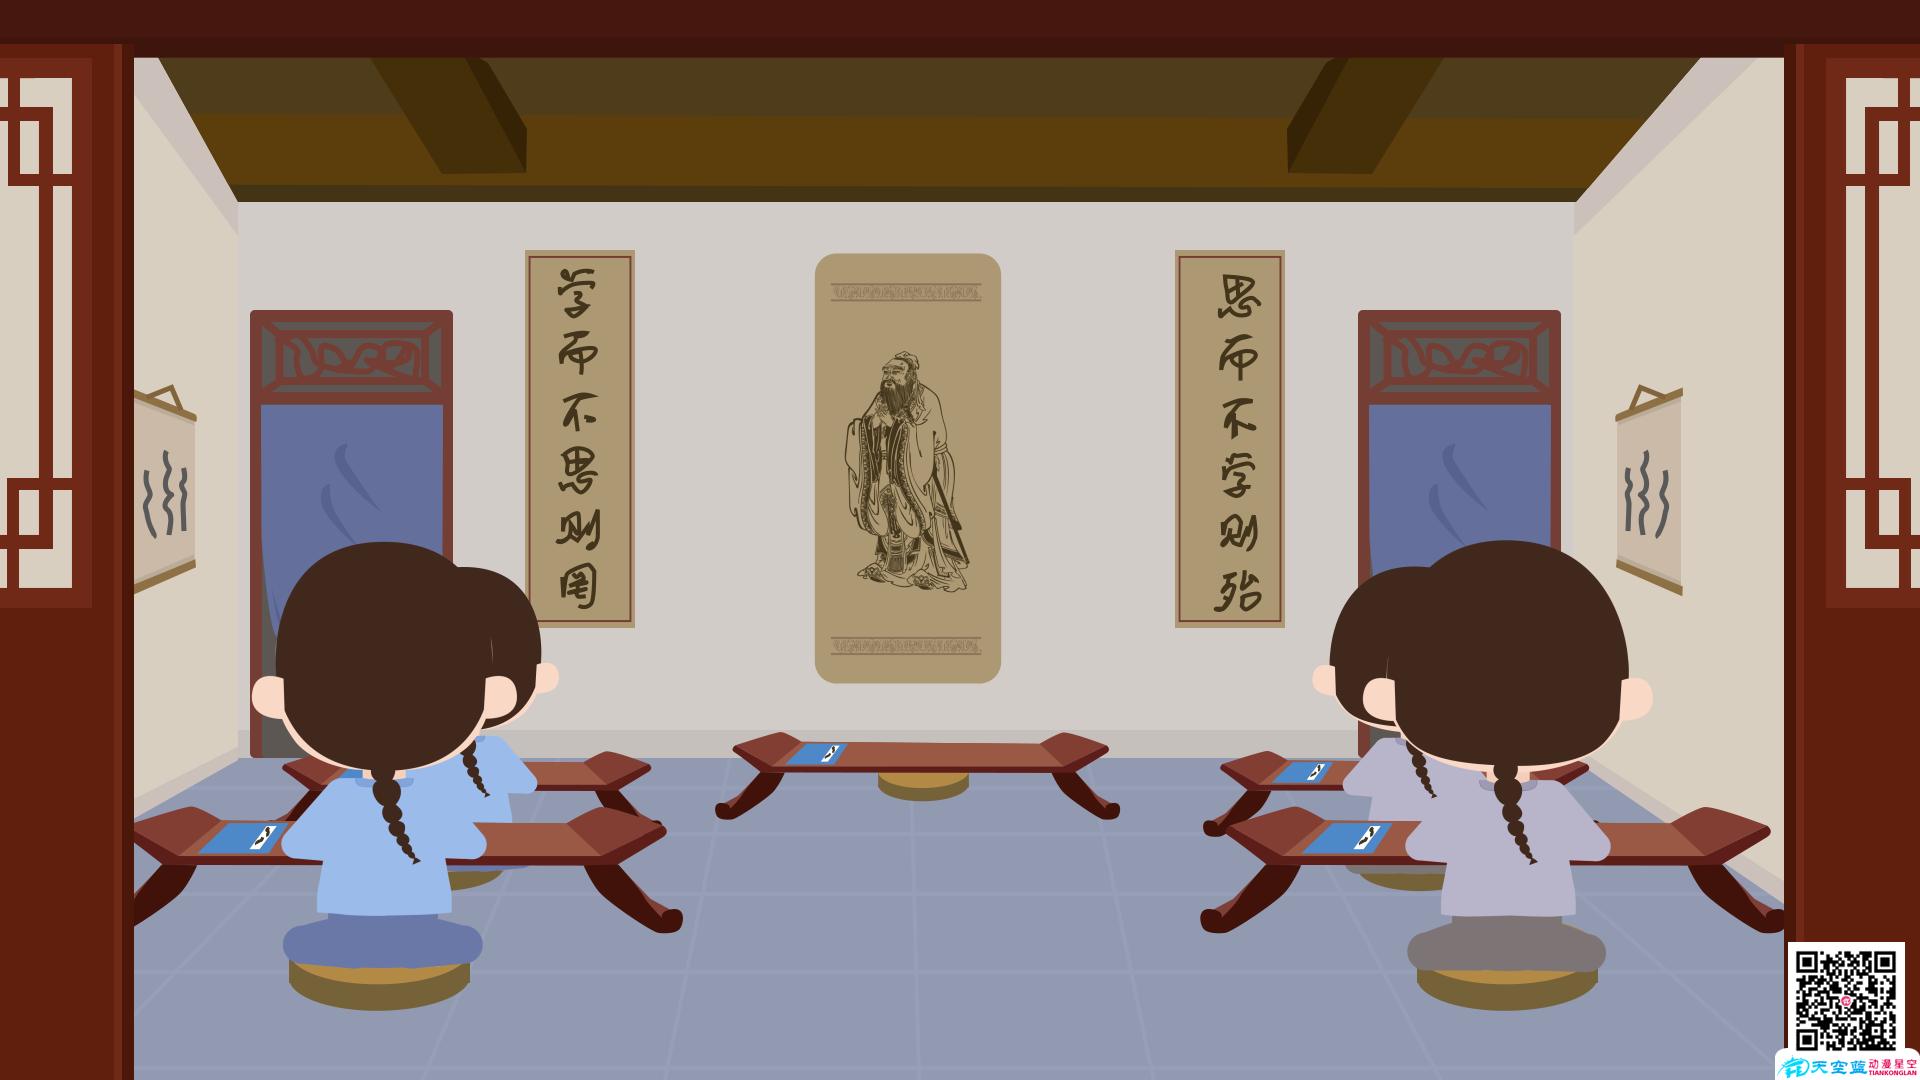 动画教学视频制作《村居》小学二年级动画学习片 教学动画制作 第4张